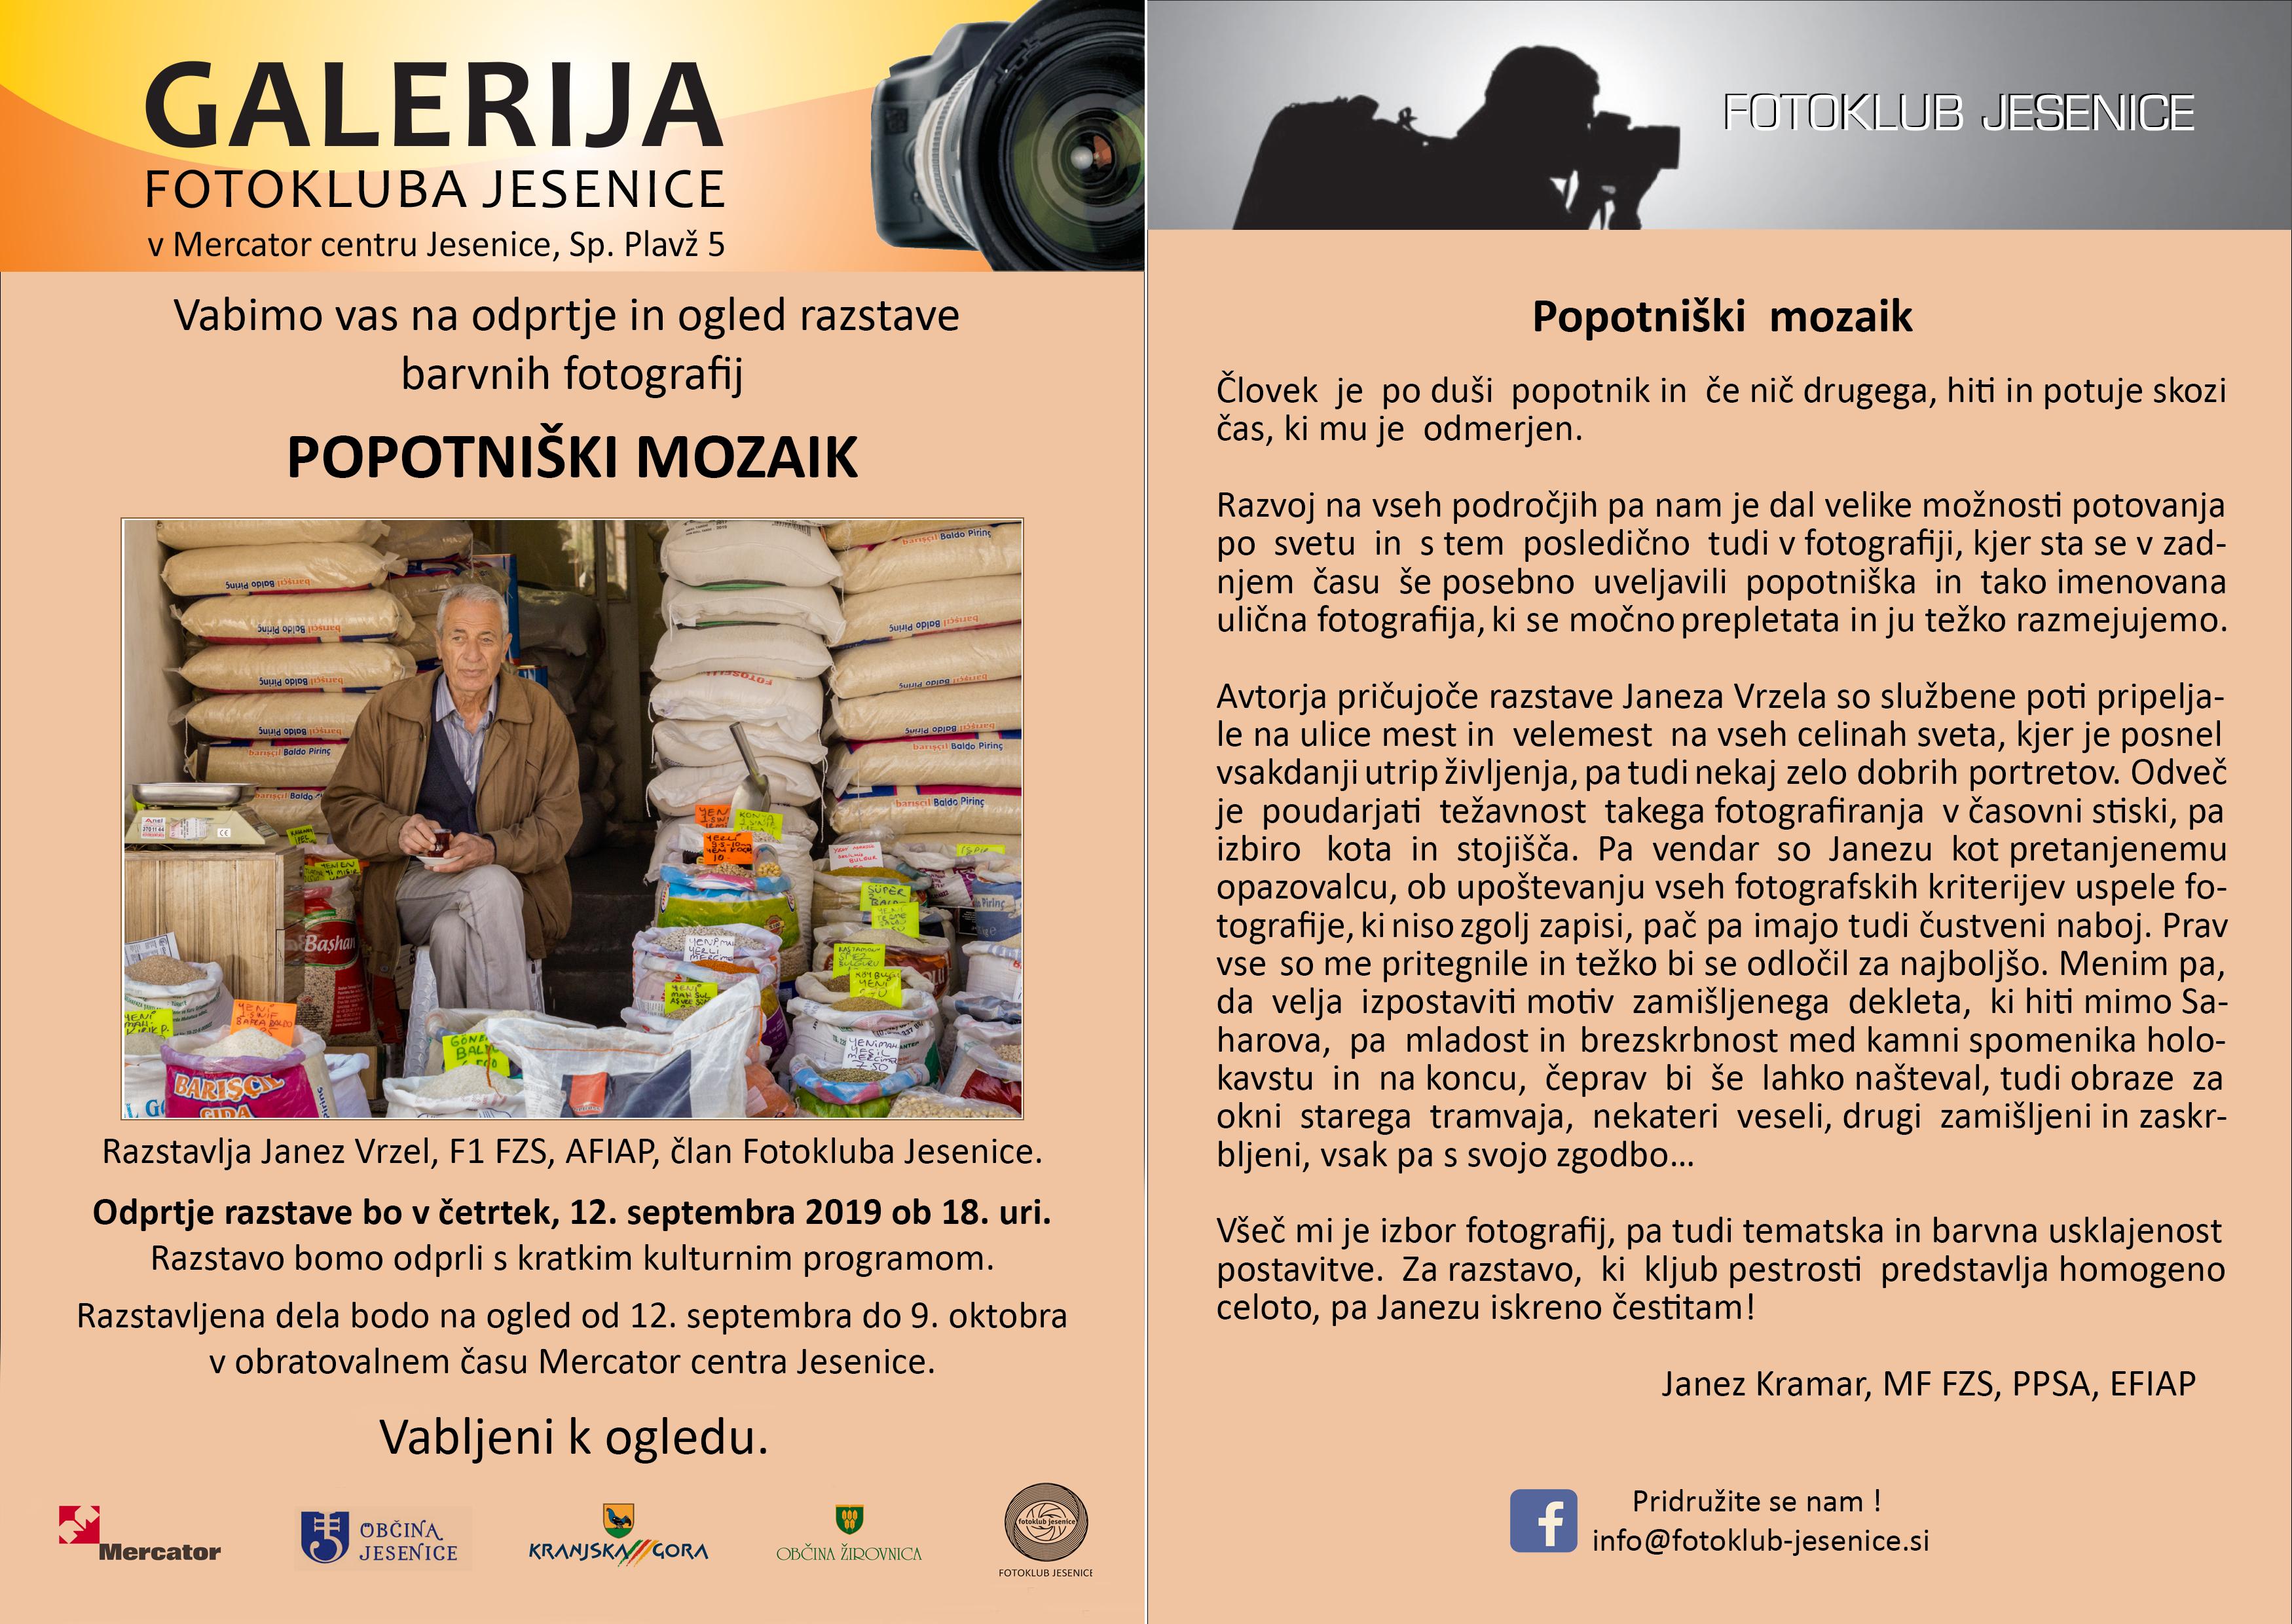 Fotoklub tamplate.cdr